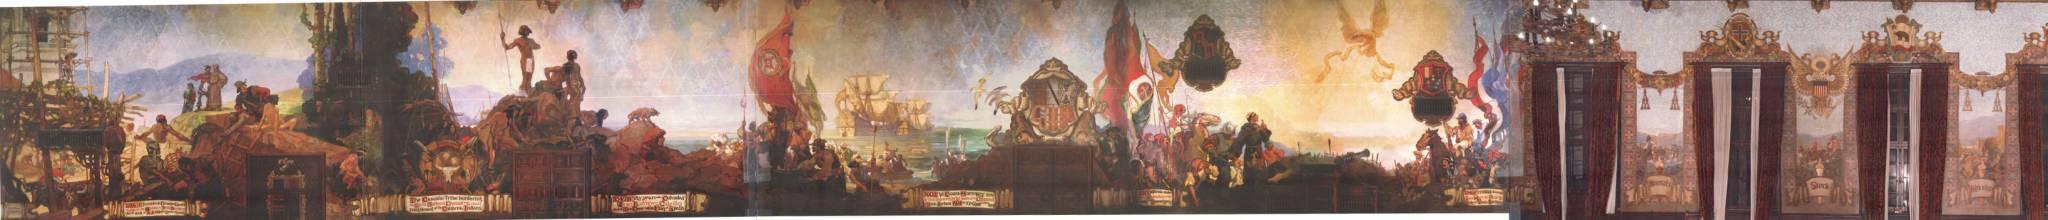 SBCH-Mural